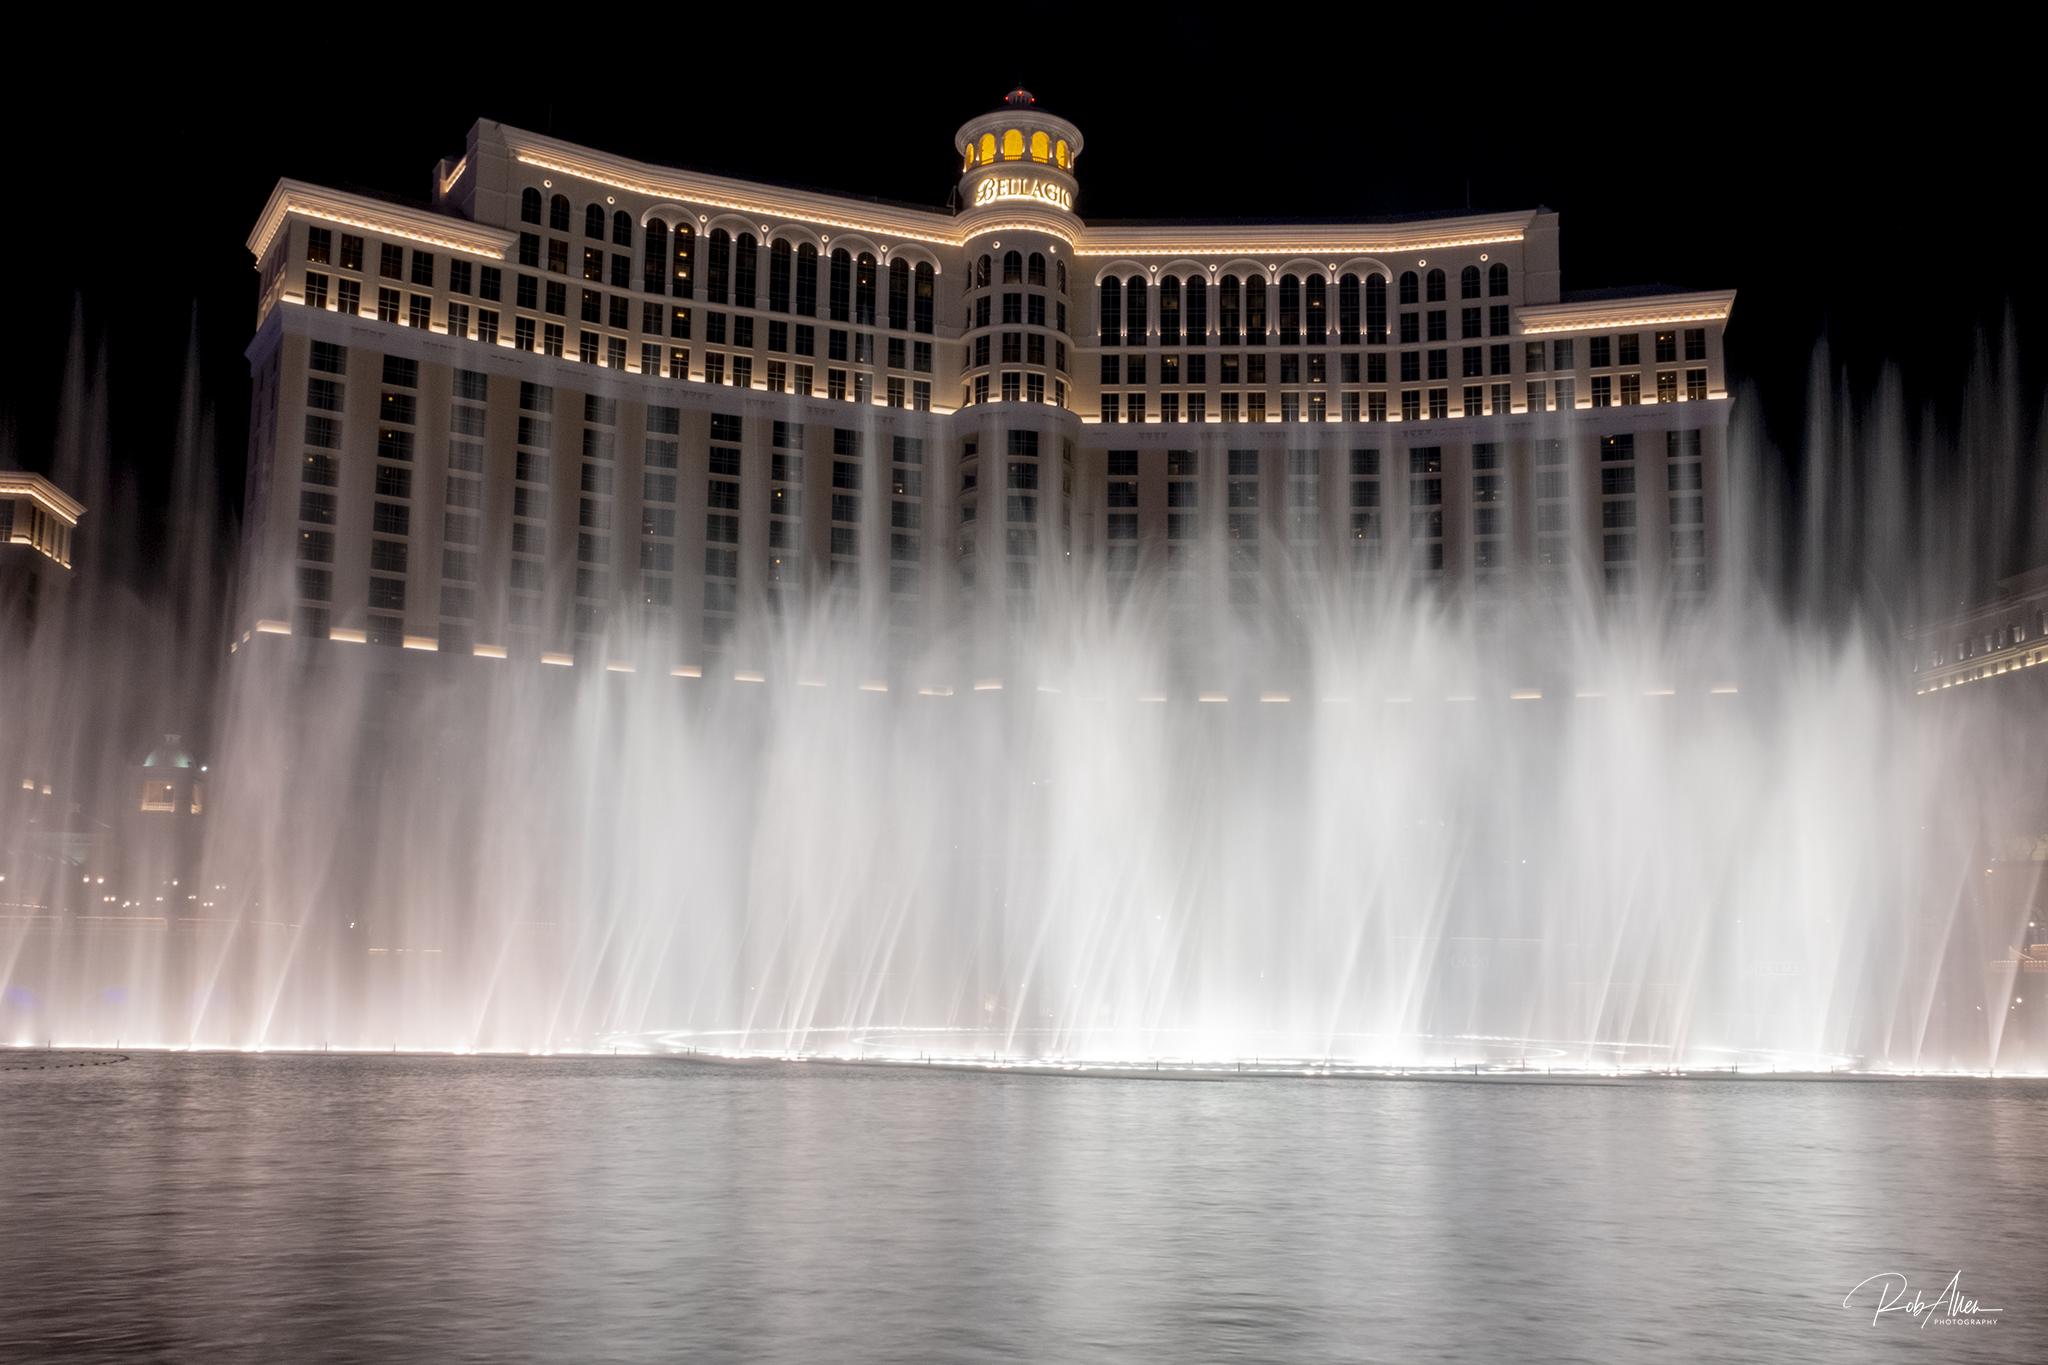 20190905_VegasBellagioFountain1-1964